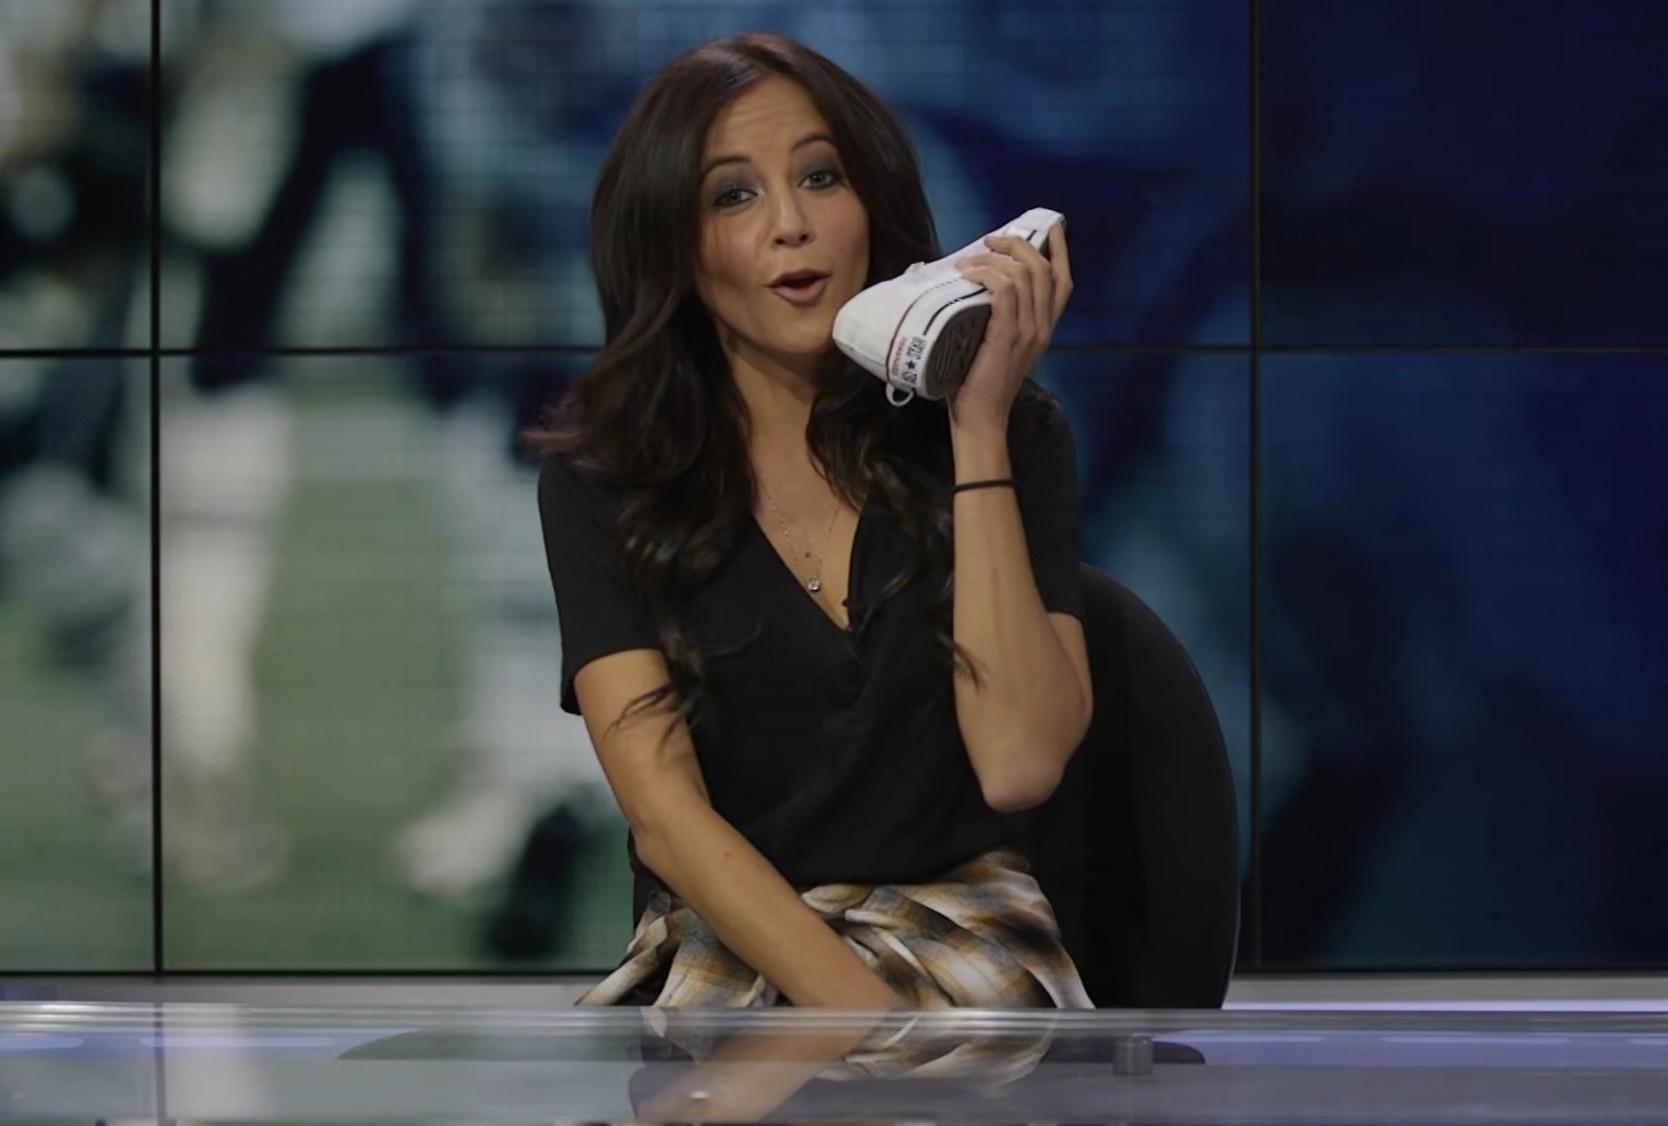 Kay Adams sexy and hot TV anchor